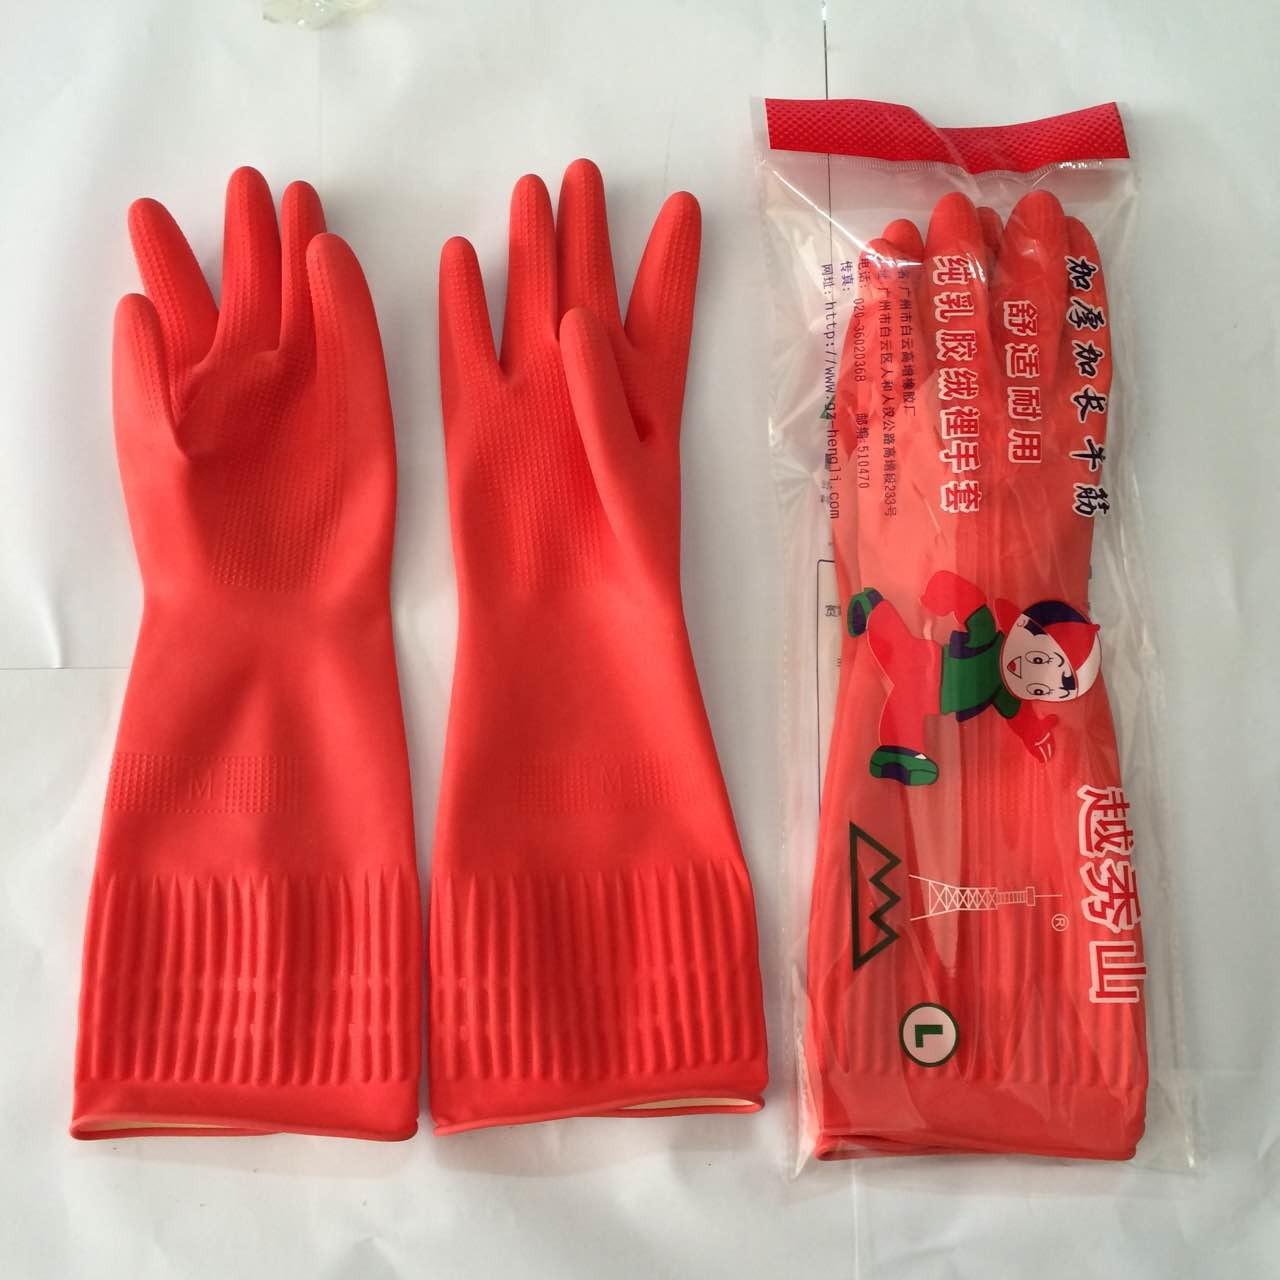 纯乳胶加长家用绒裡亚博yaboapp(红色)